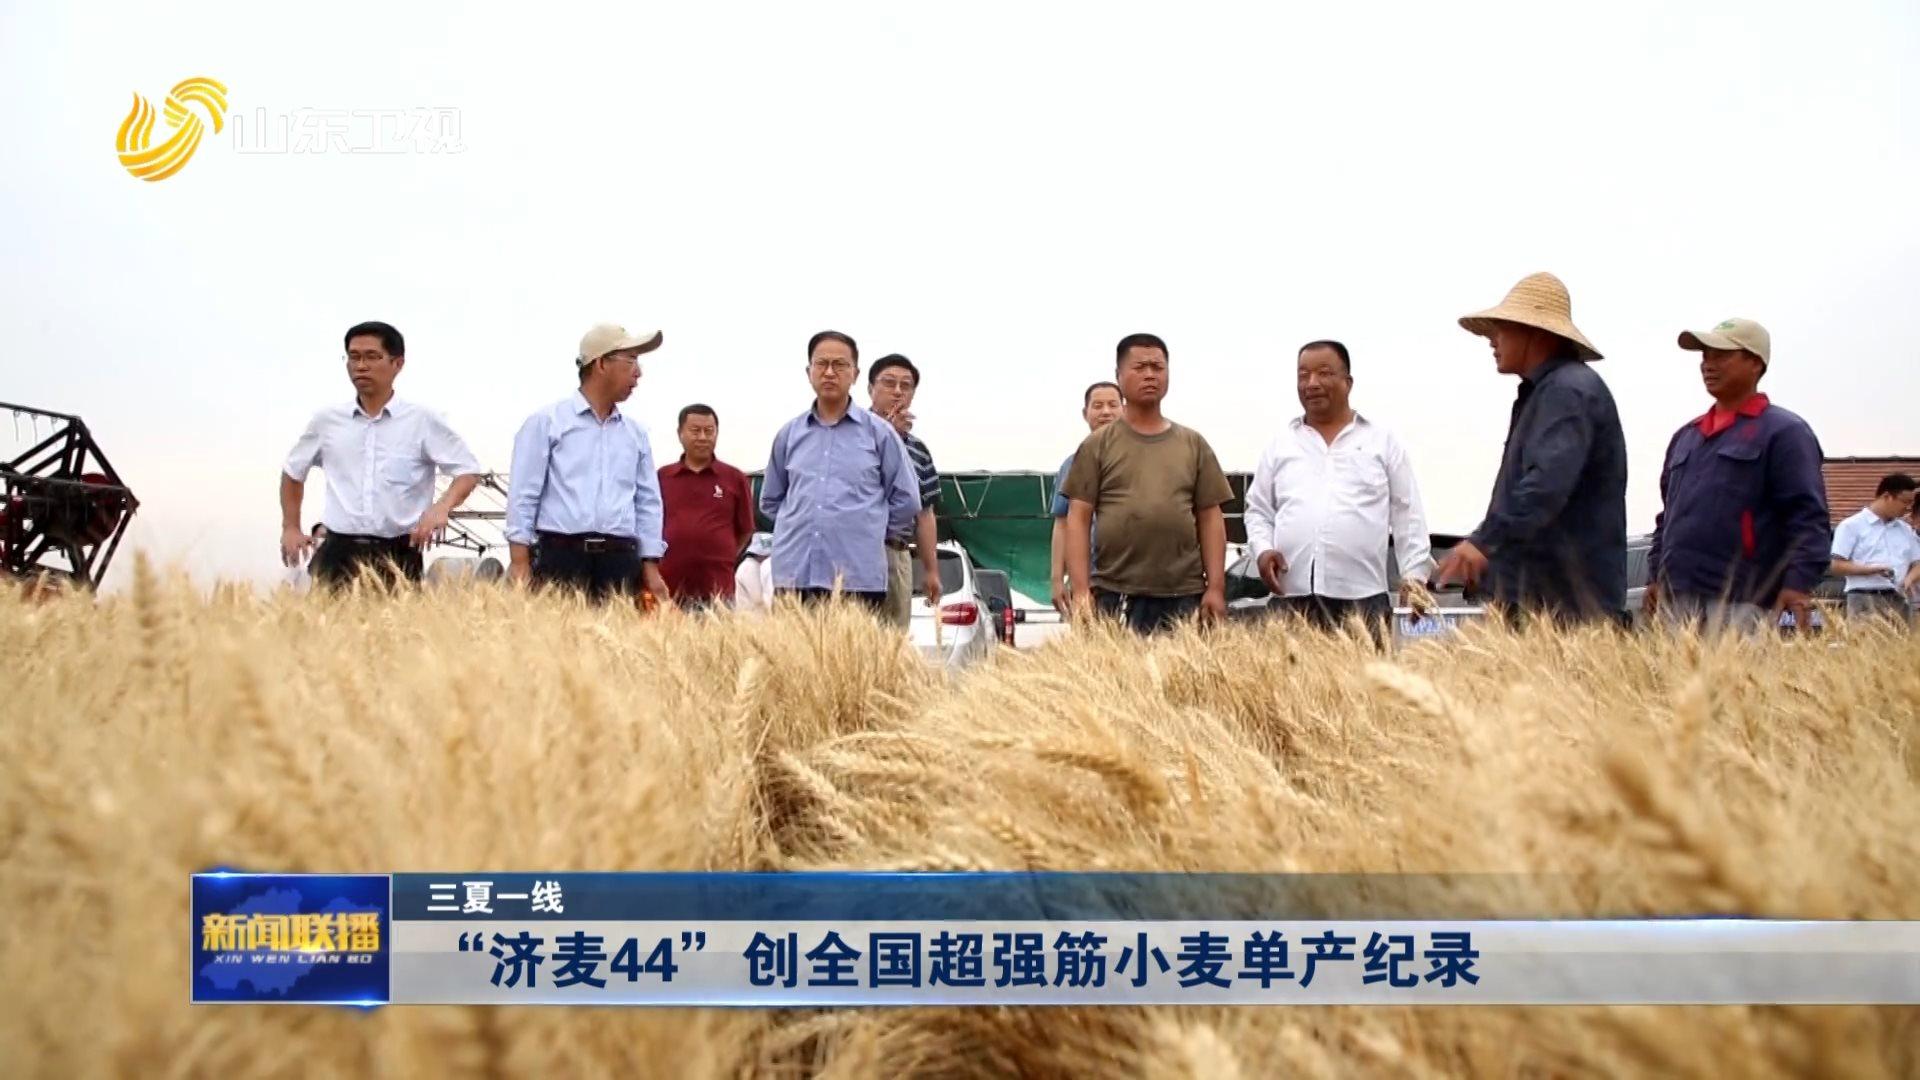 """【三夏一线】""""济麦44""""创全国超强筋小麦单产纪录"""